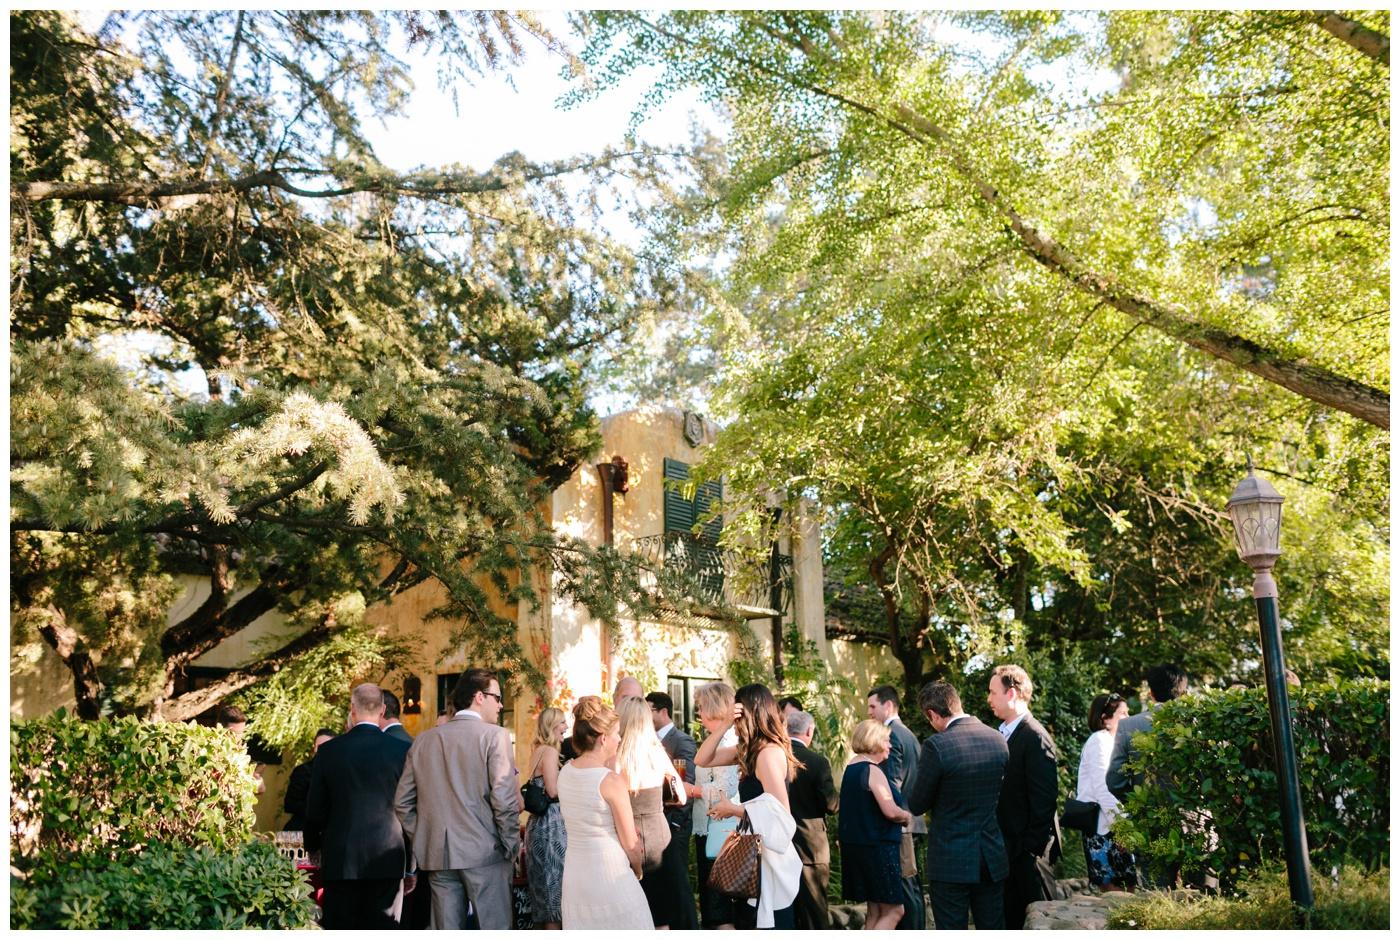 Andretti Winery Napa Valley Wedding 009